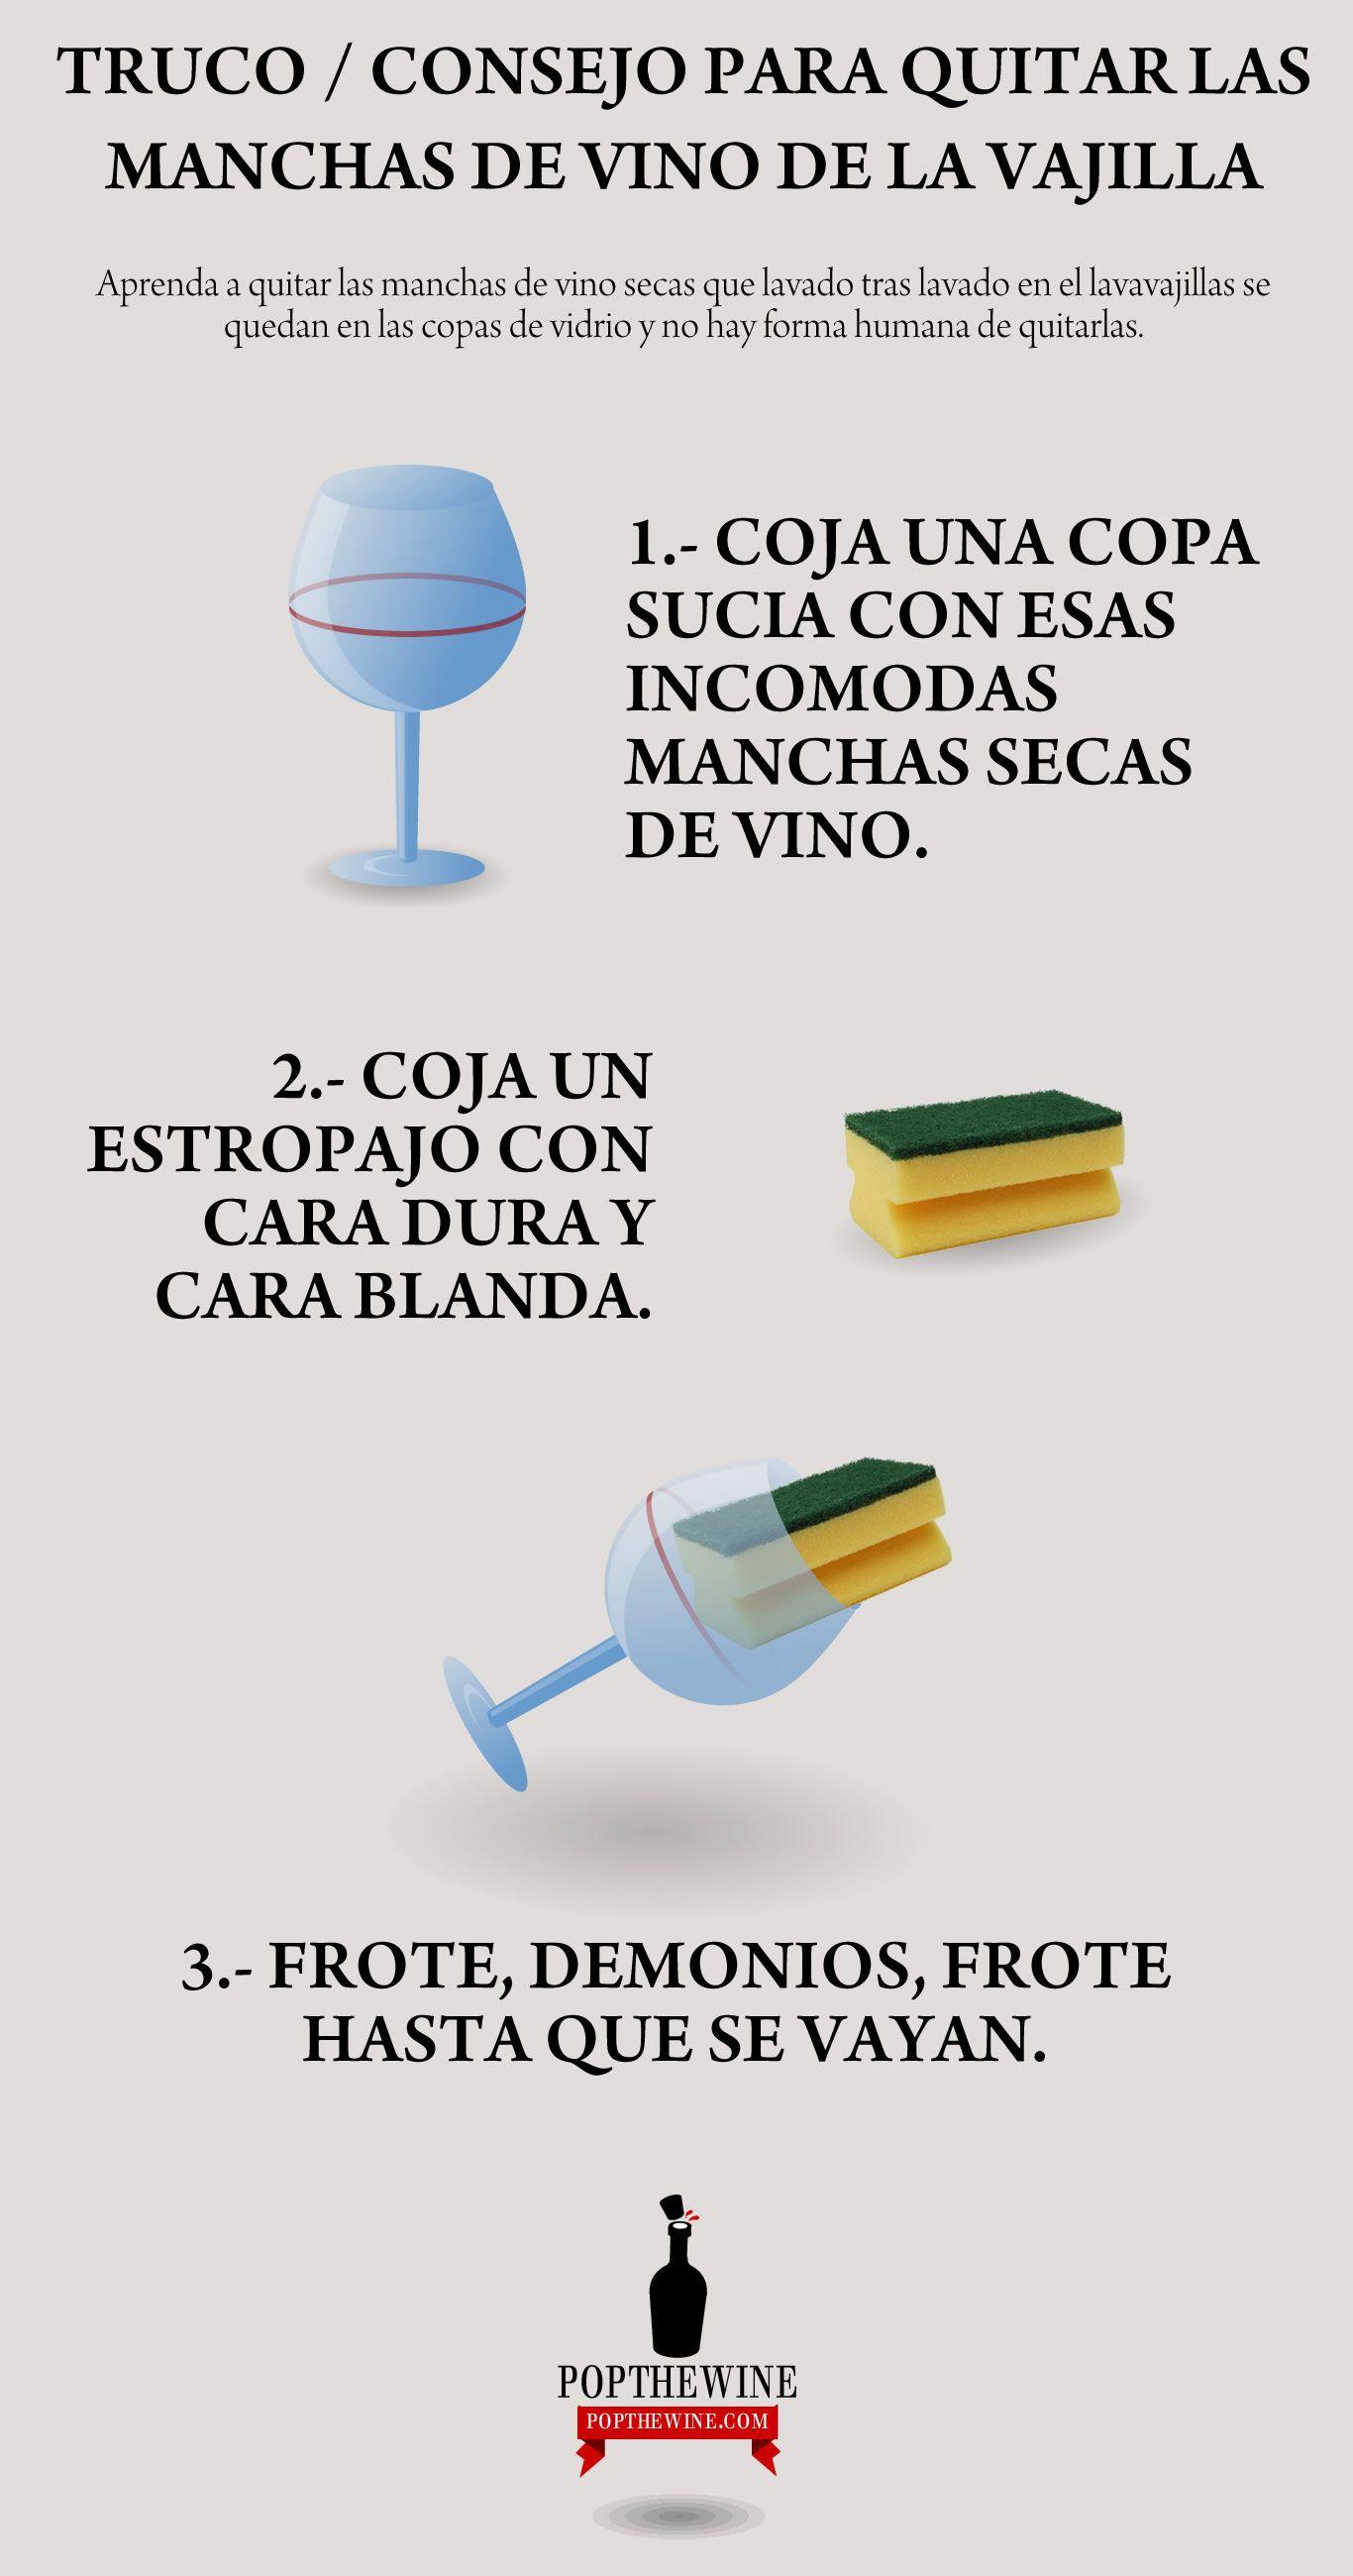 Un Valioso Truco Para Quitar Las Manchas De Vino Secas De Las Copas De Vidrio Wine And Cheese Party Cheese Party Wine